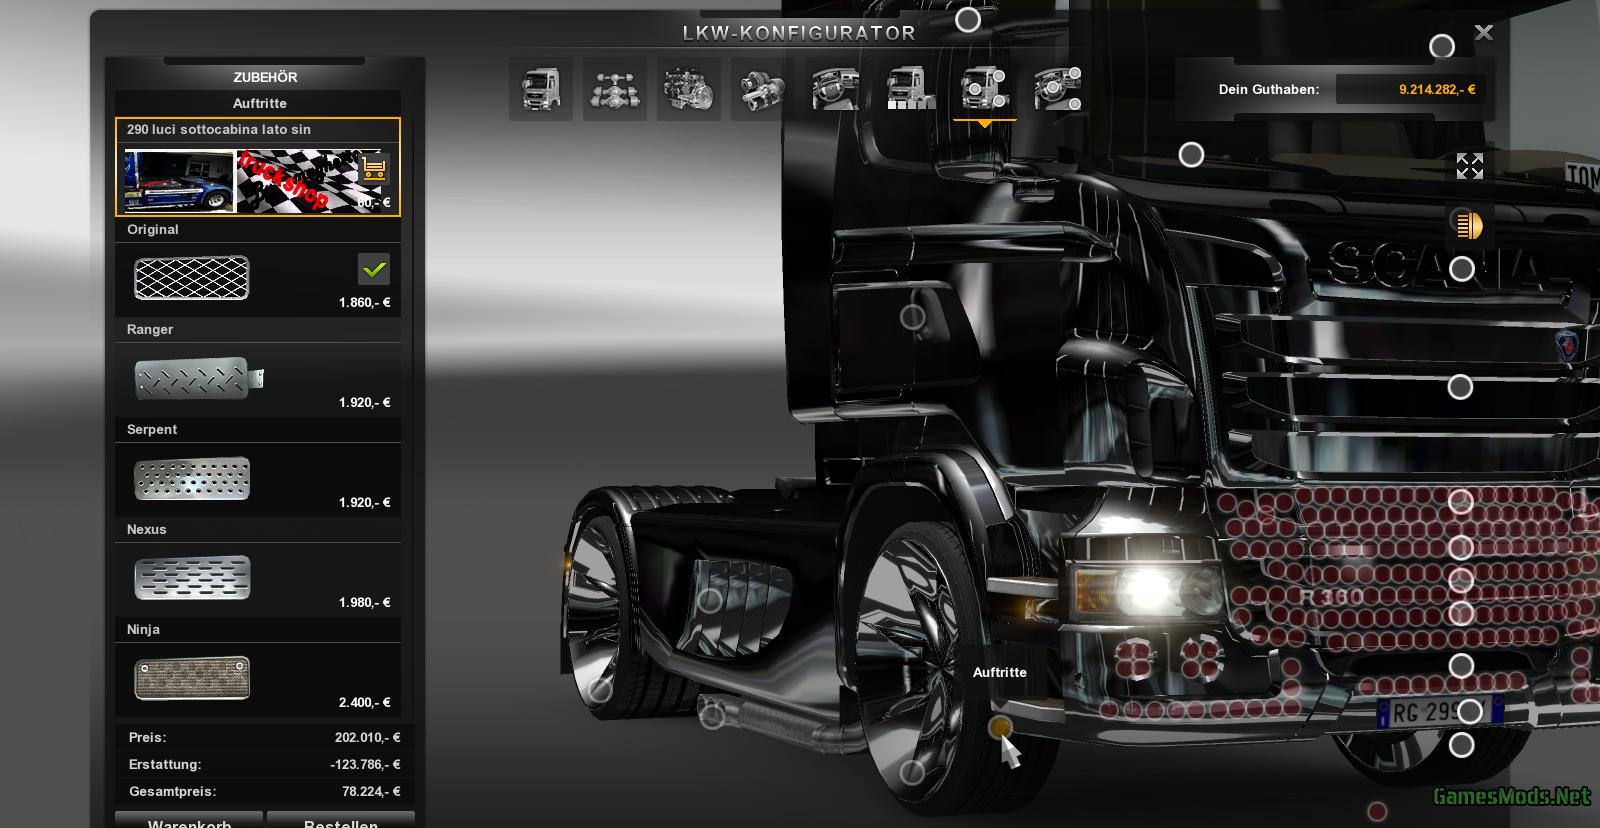 scania extrem tuning shop version v2 0. Black Bedroom Furniture Sets. Home Design Ideas